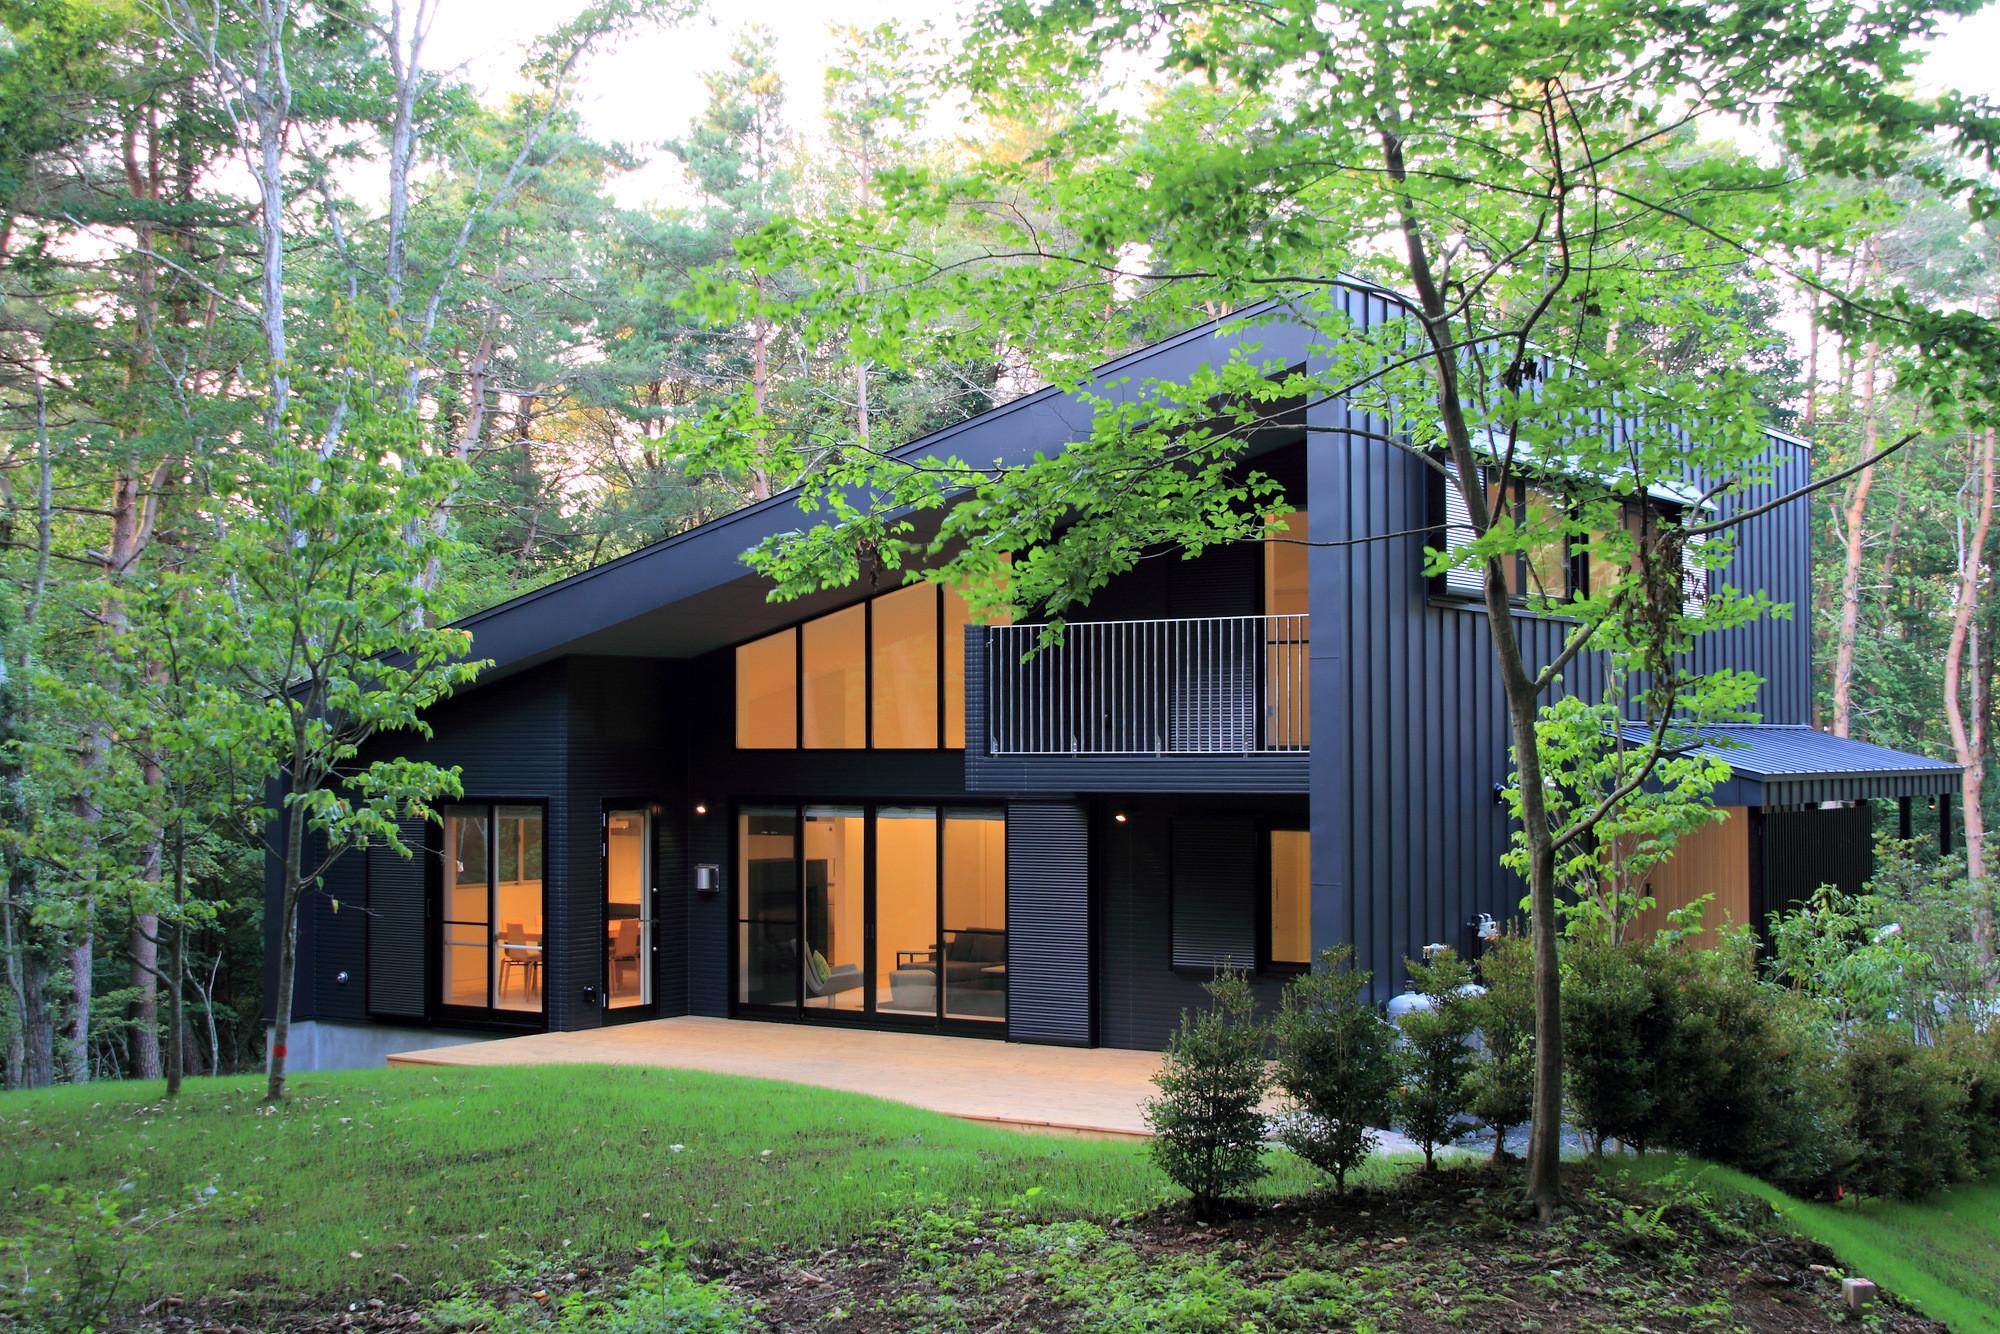 建物外観富士の北麓に広がるカラマツ林に位置する傾斜地に建つ別荘です。外壁、屋根は耐侯性の高いガルバリウム鋼板の竪はぜ葺きとしています。 | 富士山麓の別荘 カラマツ林の傾斜地に建つセカンドハウス